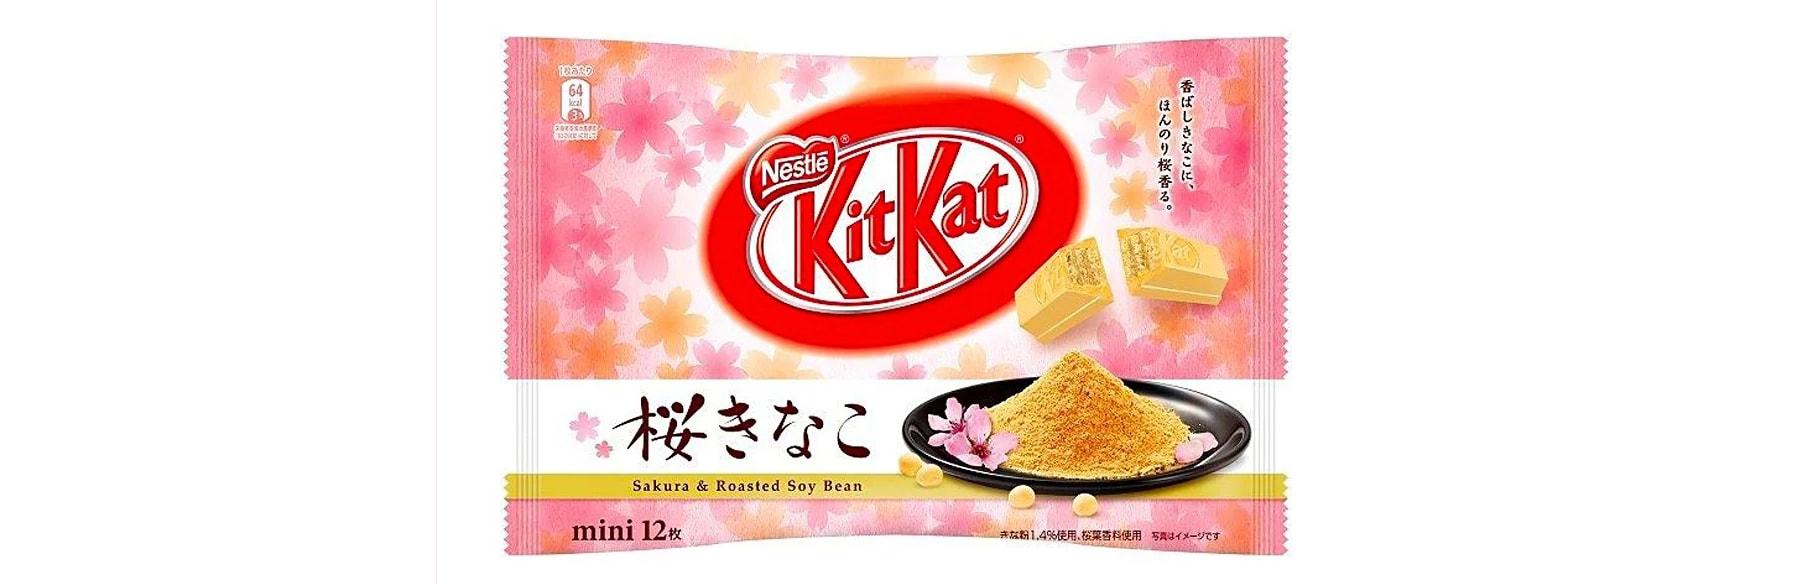 К периоду цветения сакуры в Японии был выпущен новый вкус KitKat с Сакурой и Жареными соевыми бобами